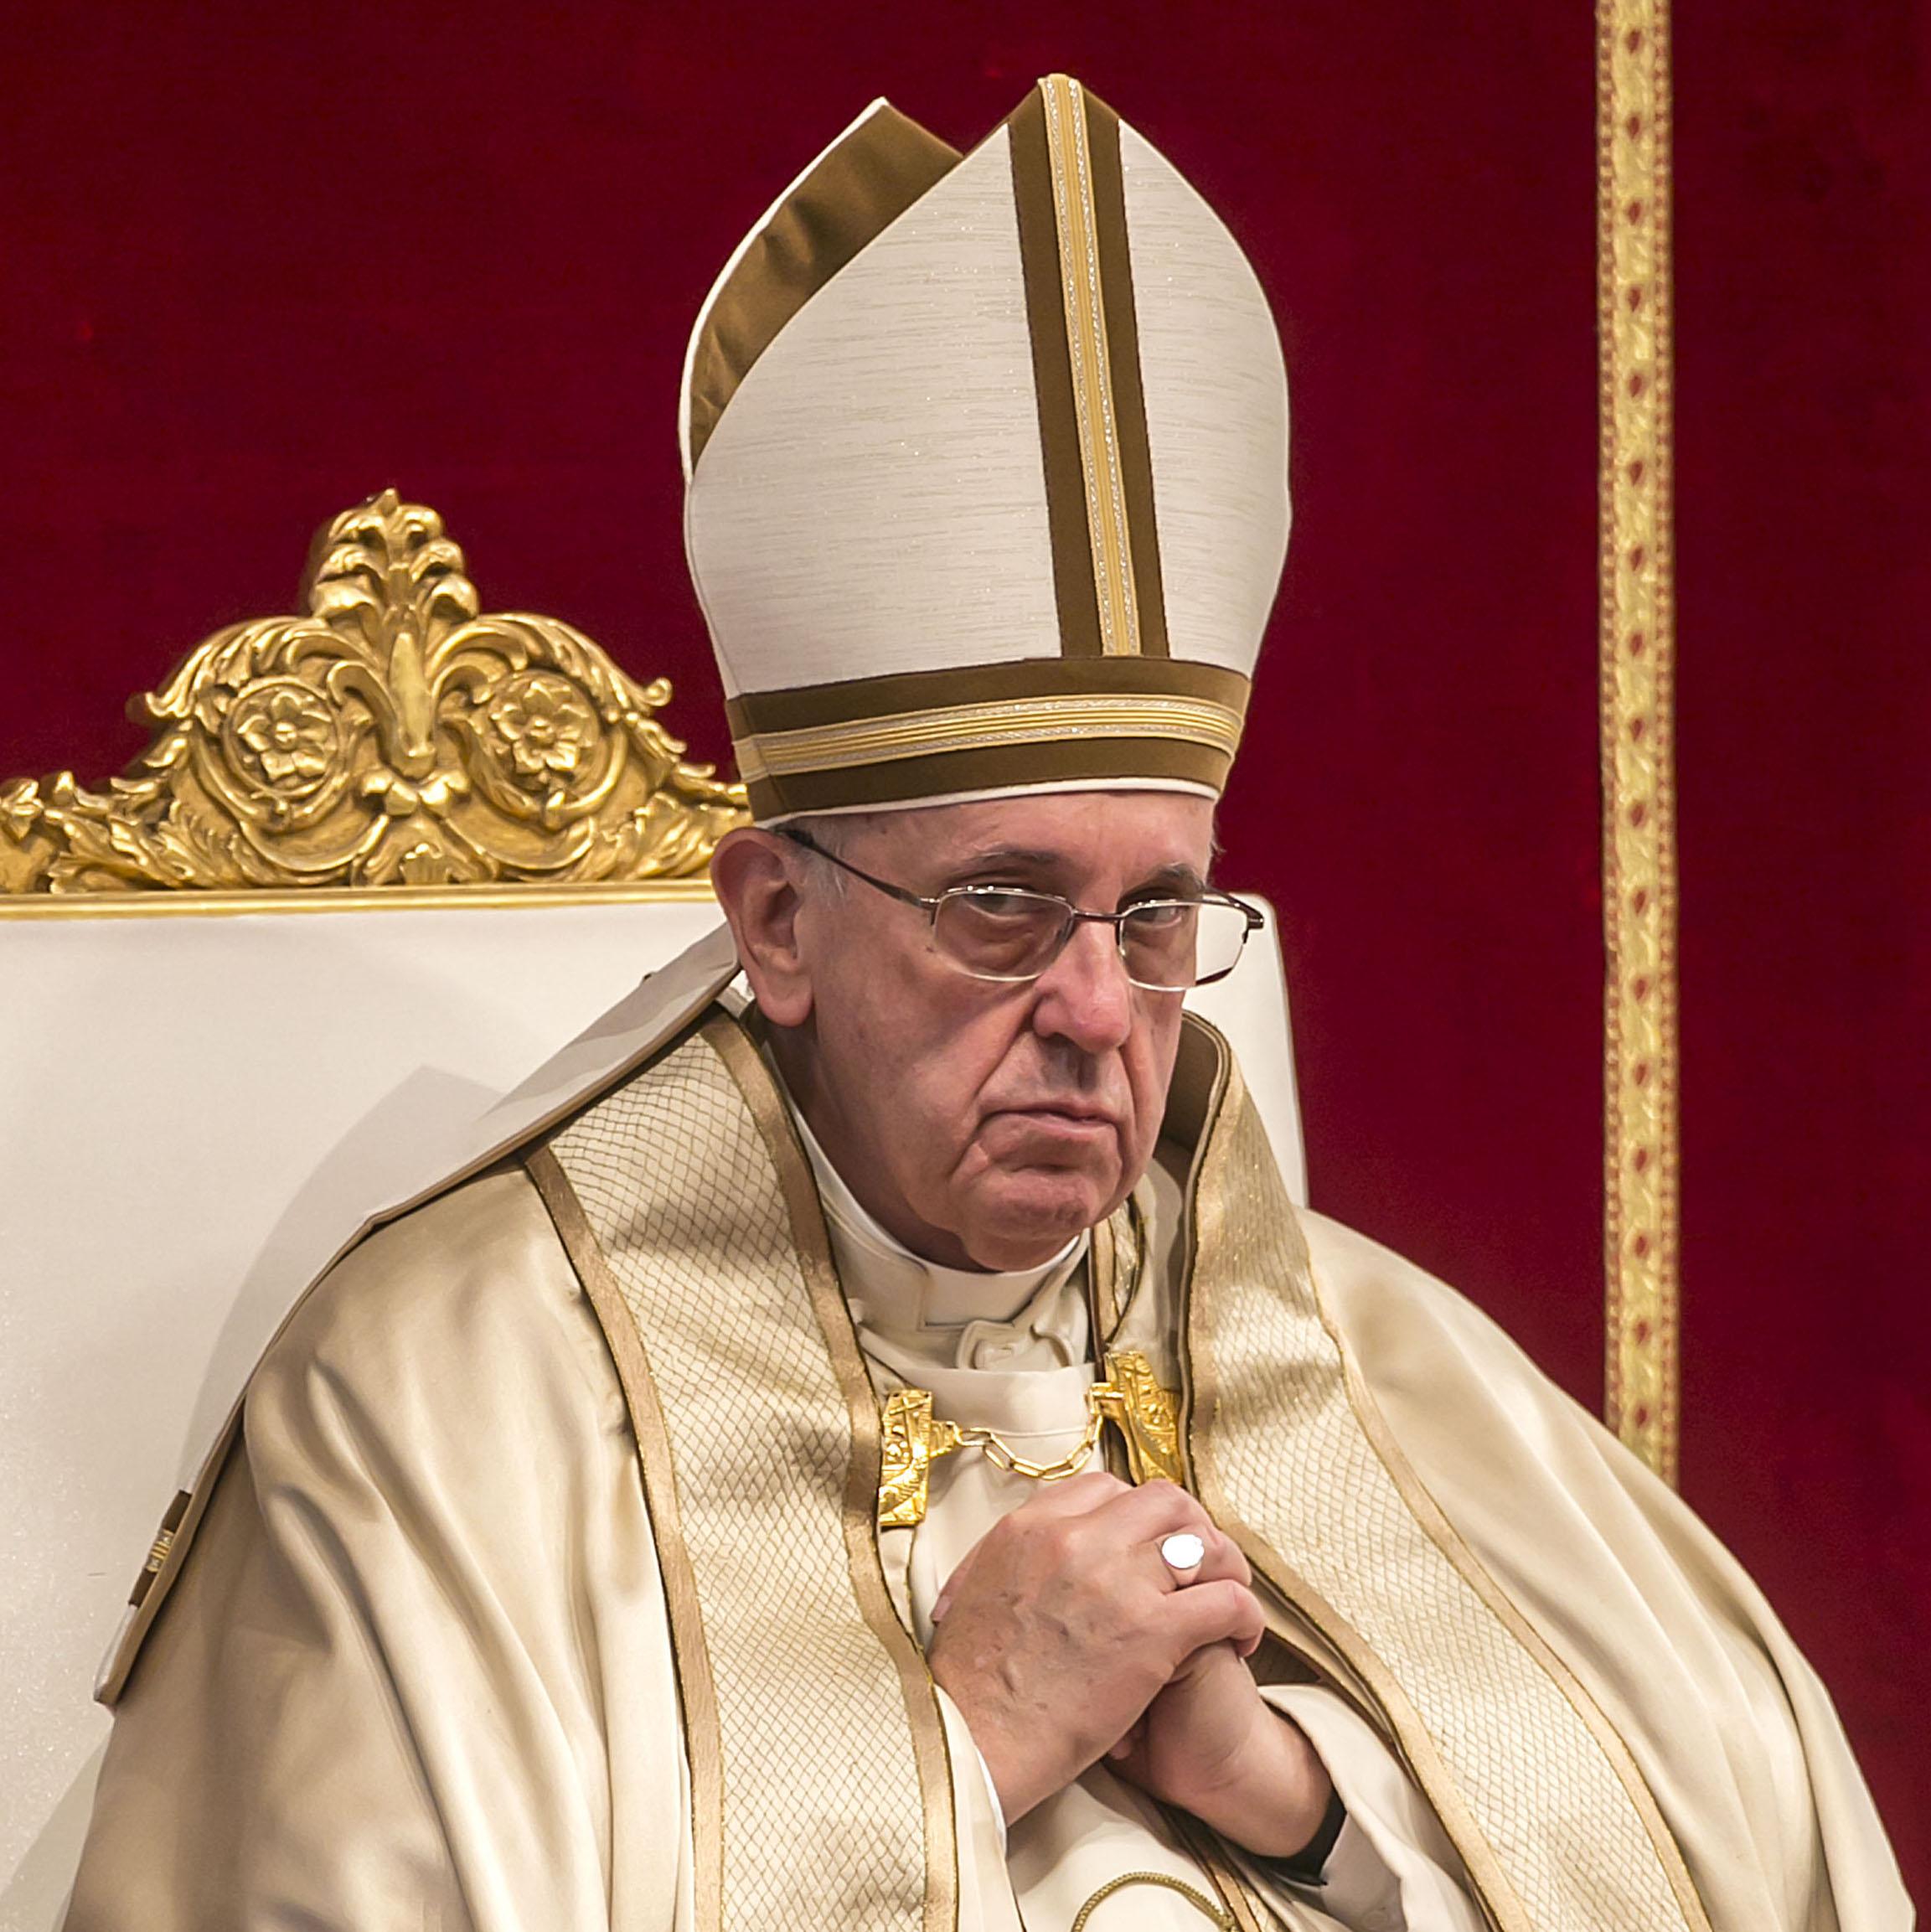 Paavi Pius